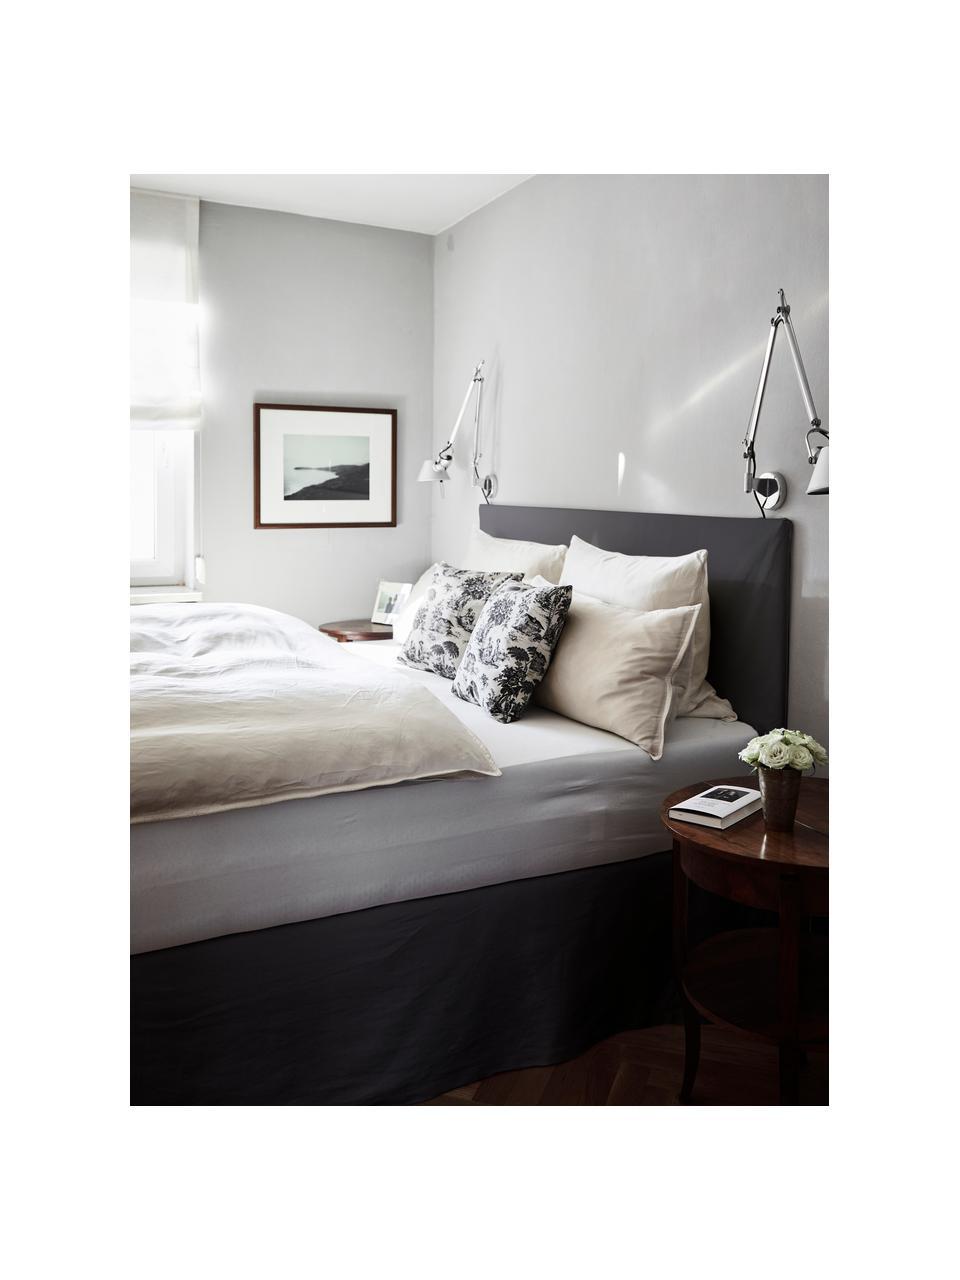 Łóżko tapicerowane z miejscem do przechowywania Feather, Korpus: lite drewno sosnowe i pły, Tapicerka: poliester (tkanina strukt, Antracytowy, S 180 x D 200 cm